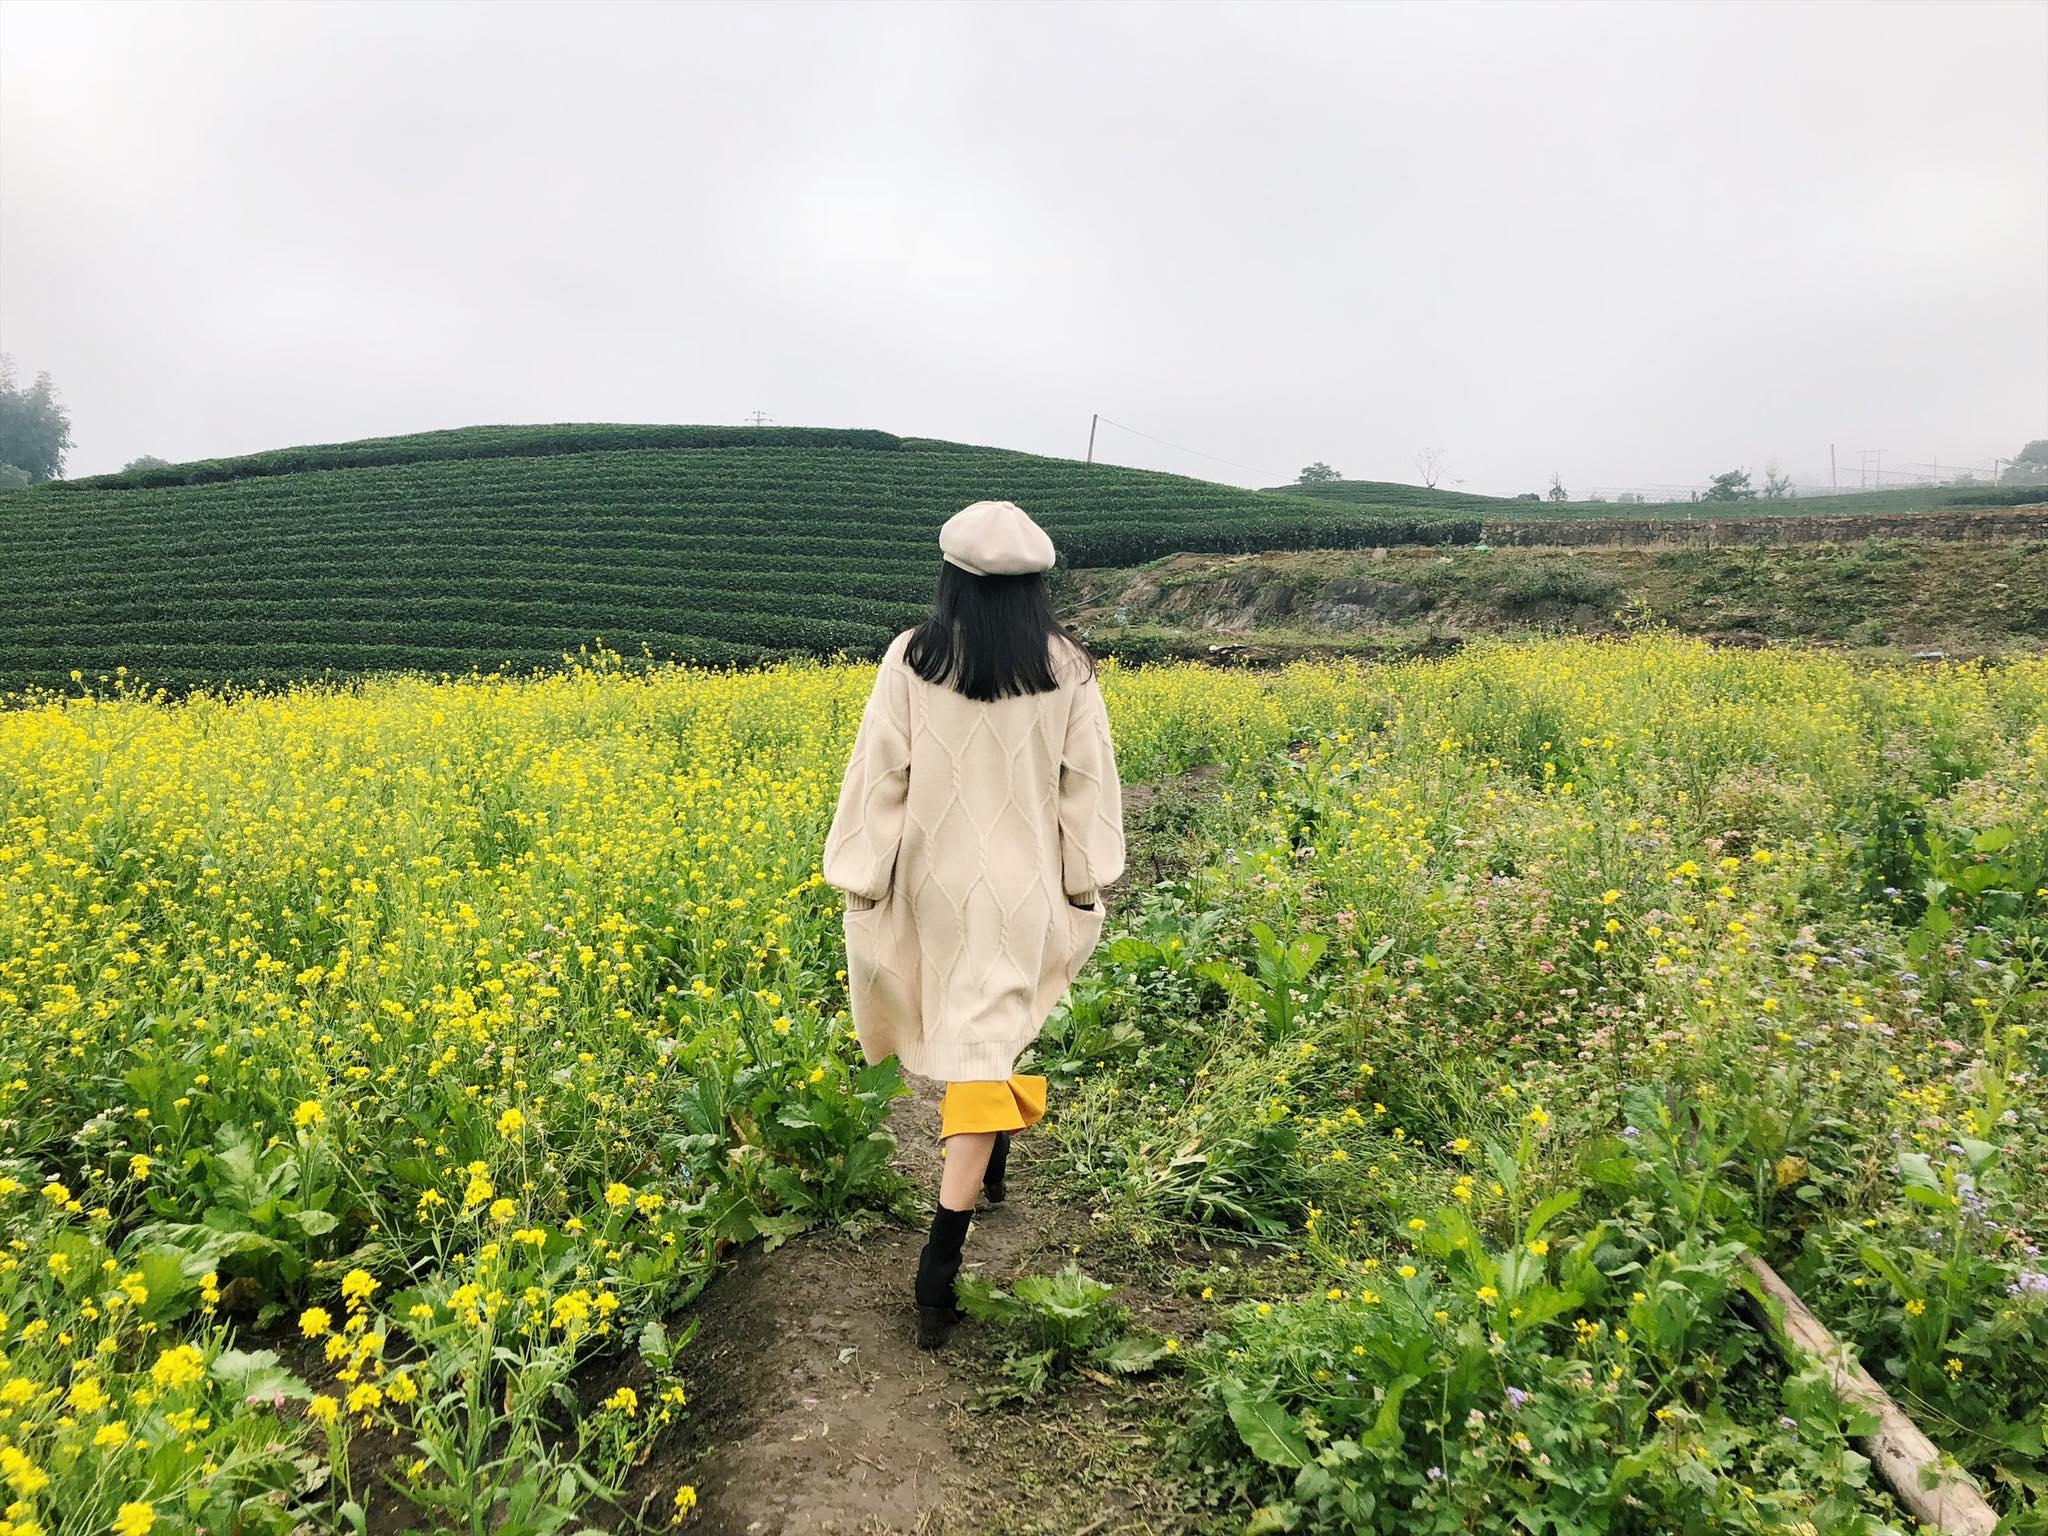 Set áo len cardigan và chân váy rất thích hợp với thời tiết Mộc Châu tháng 11. Hình: Lê Hải